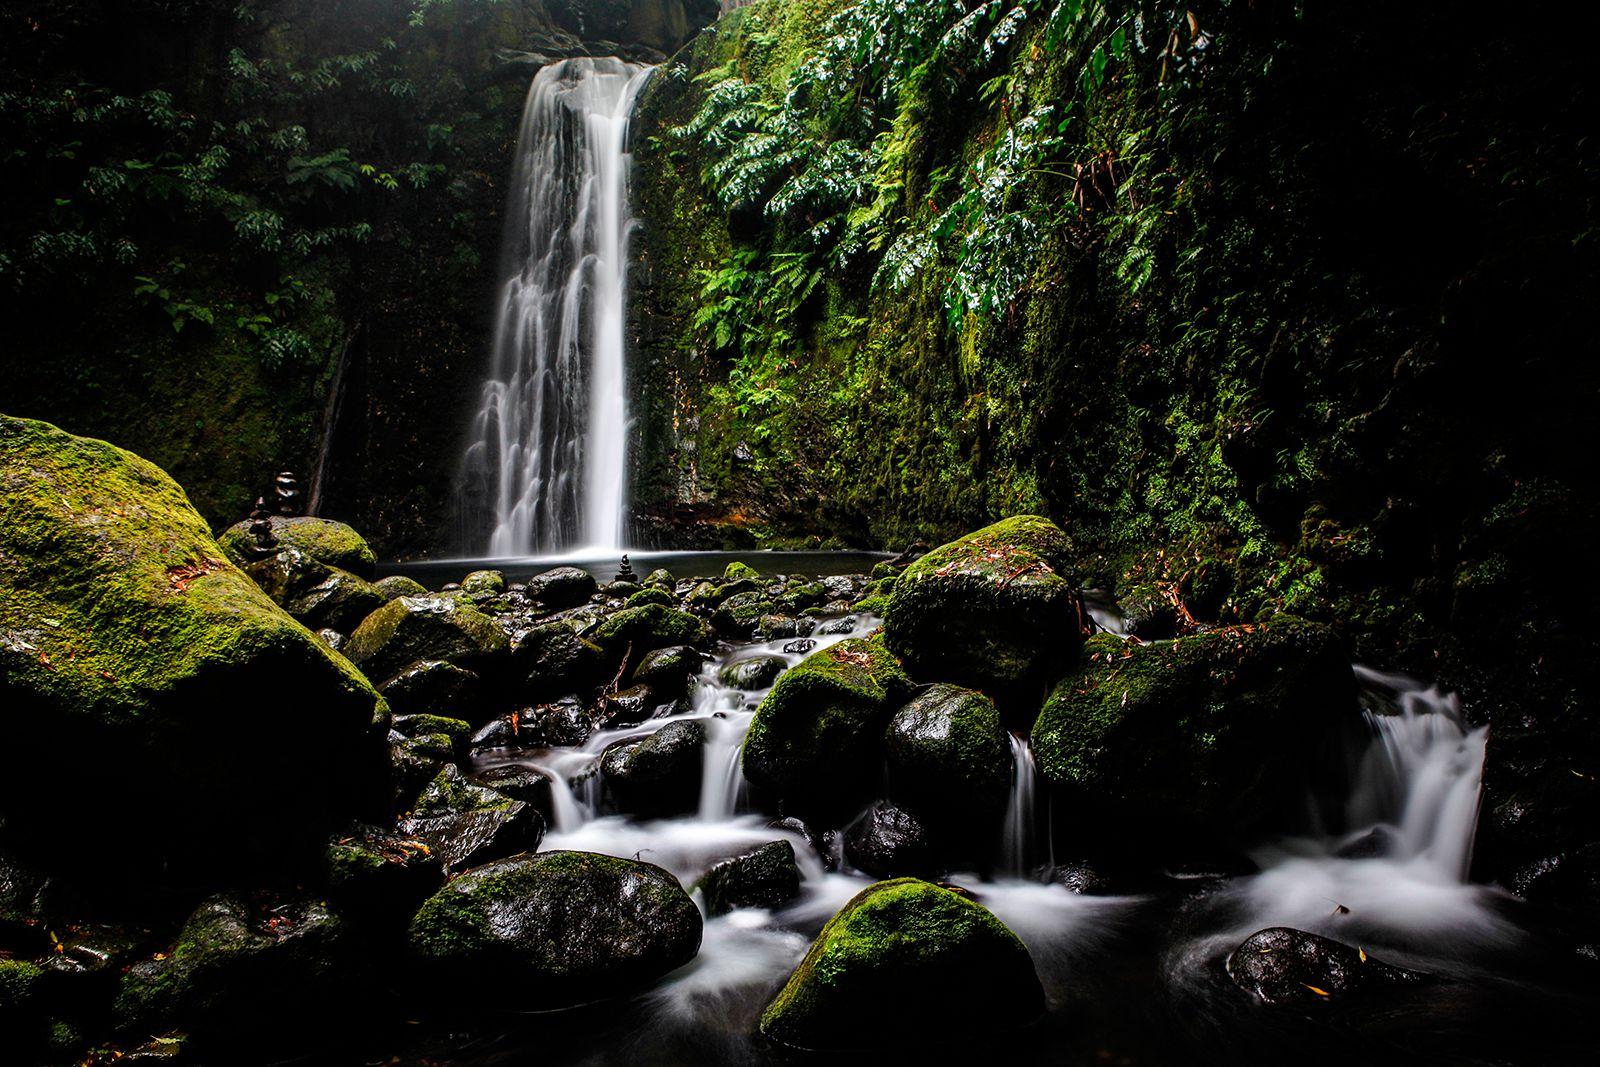 Tallenblendwaterfallas